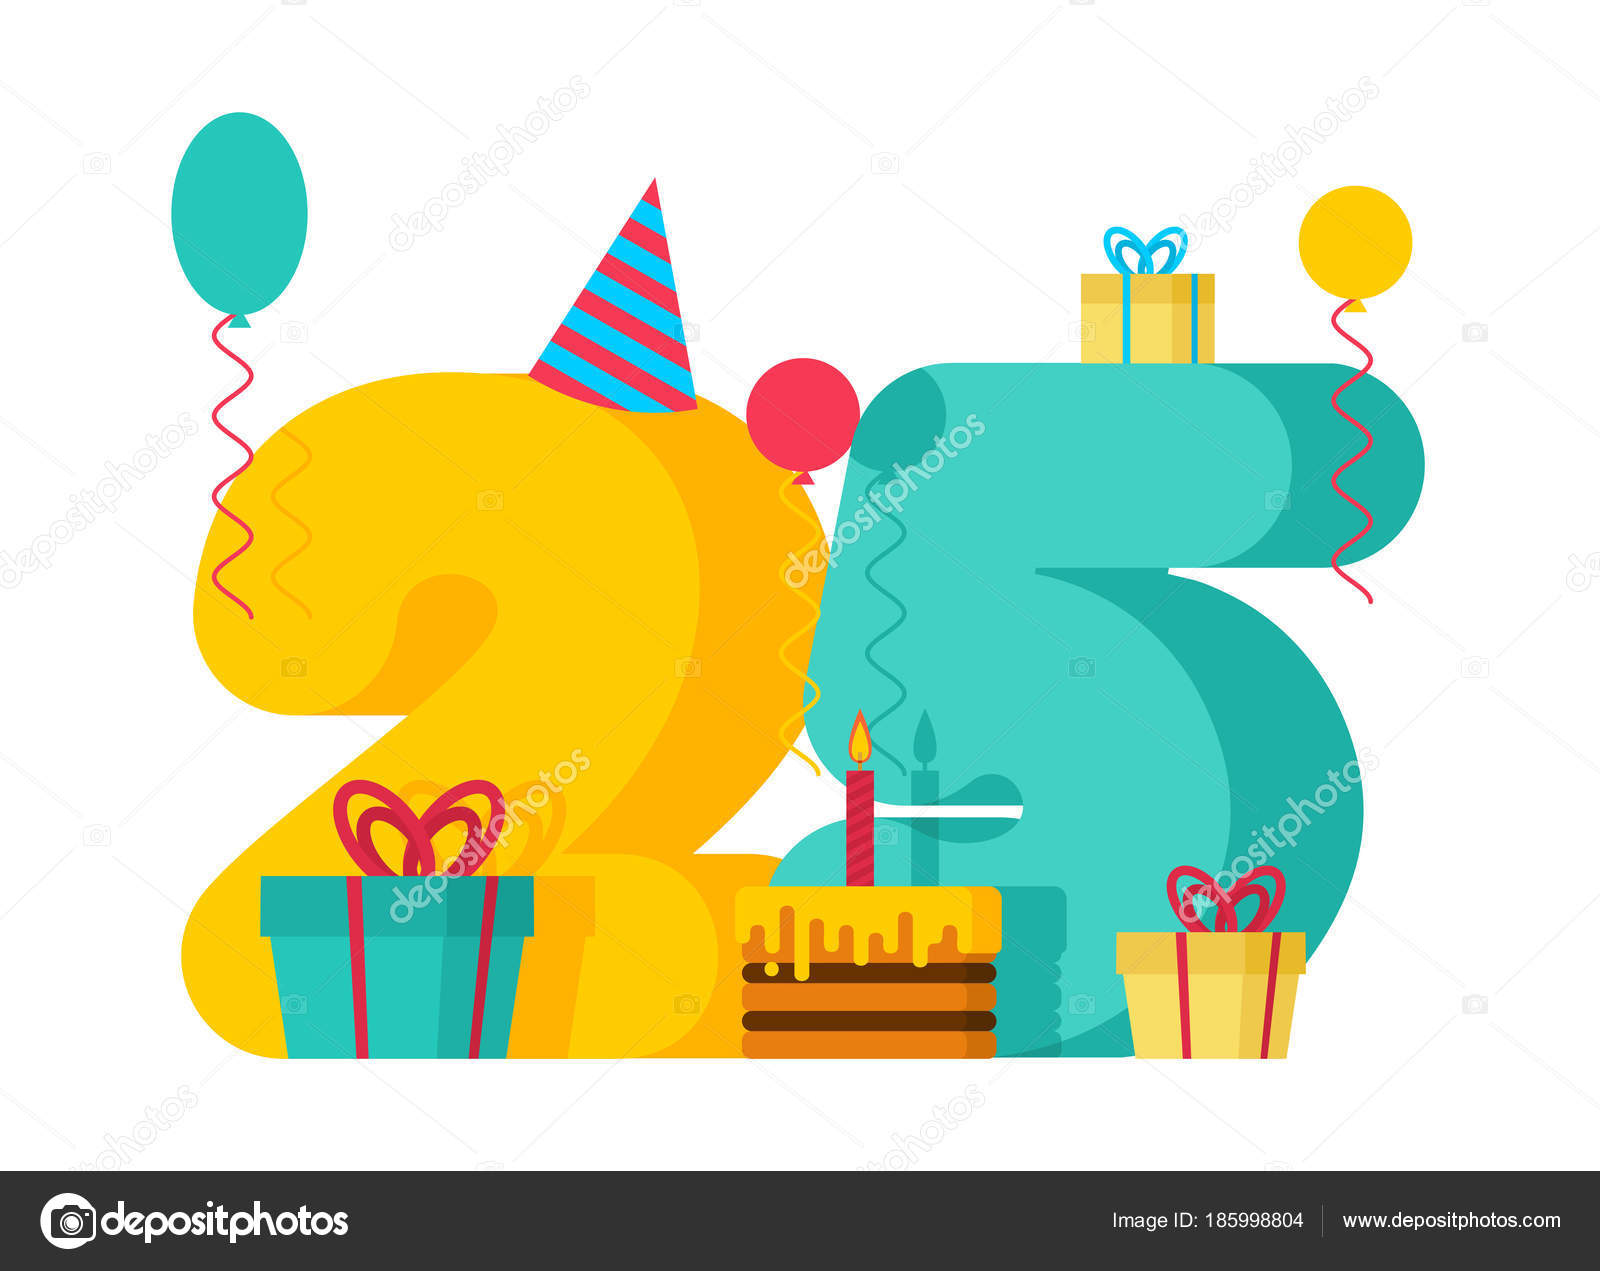 Feliz Aniversario 25: Cartão De Felicitações De Feliz Aniversário De 25 Anos